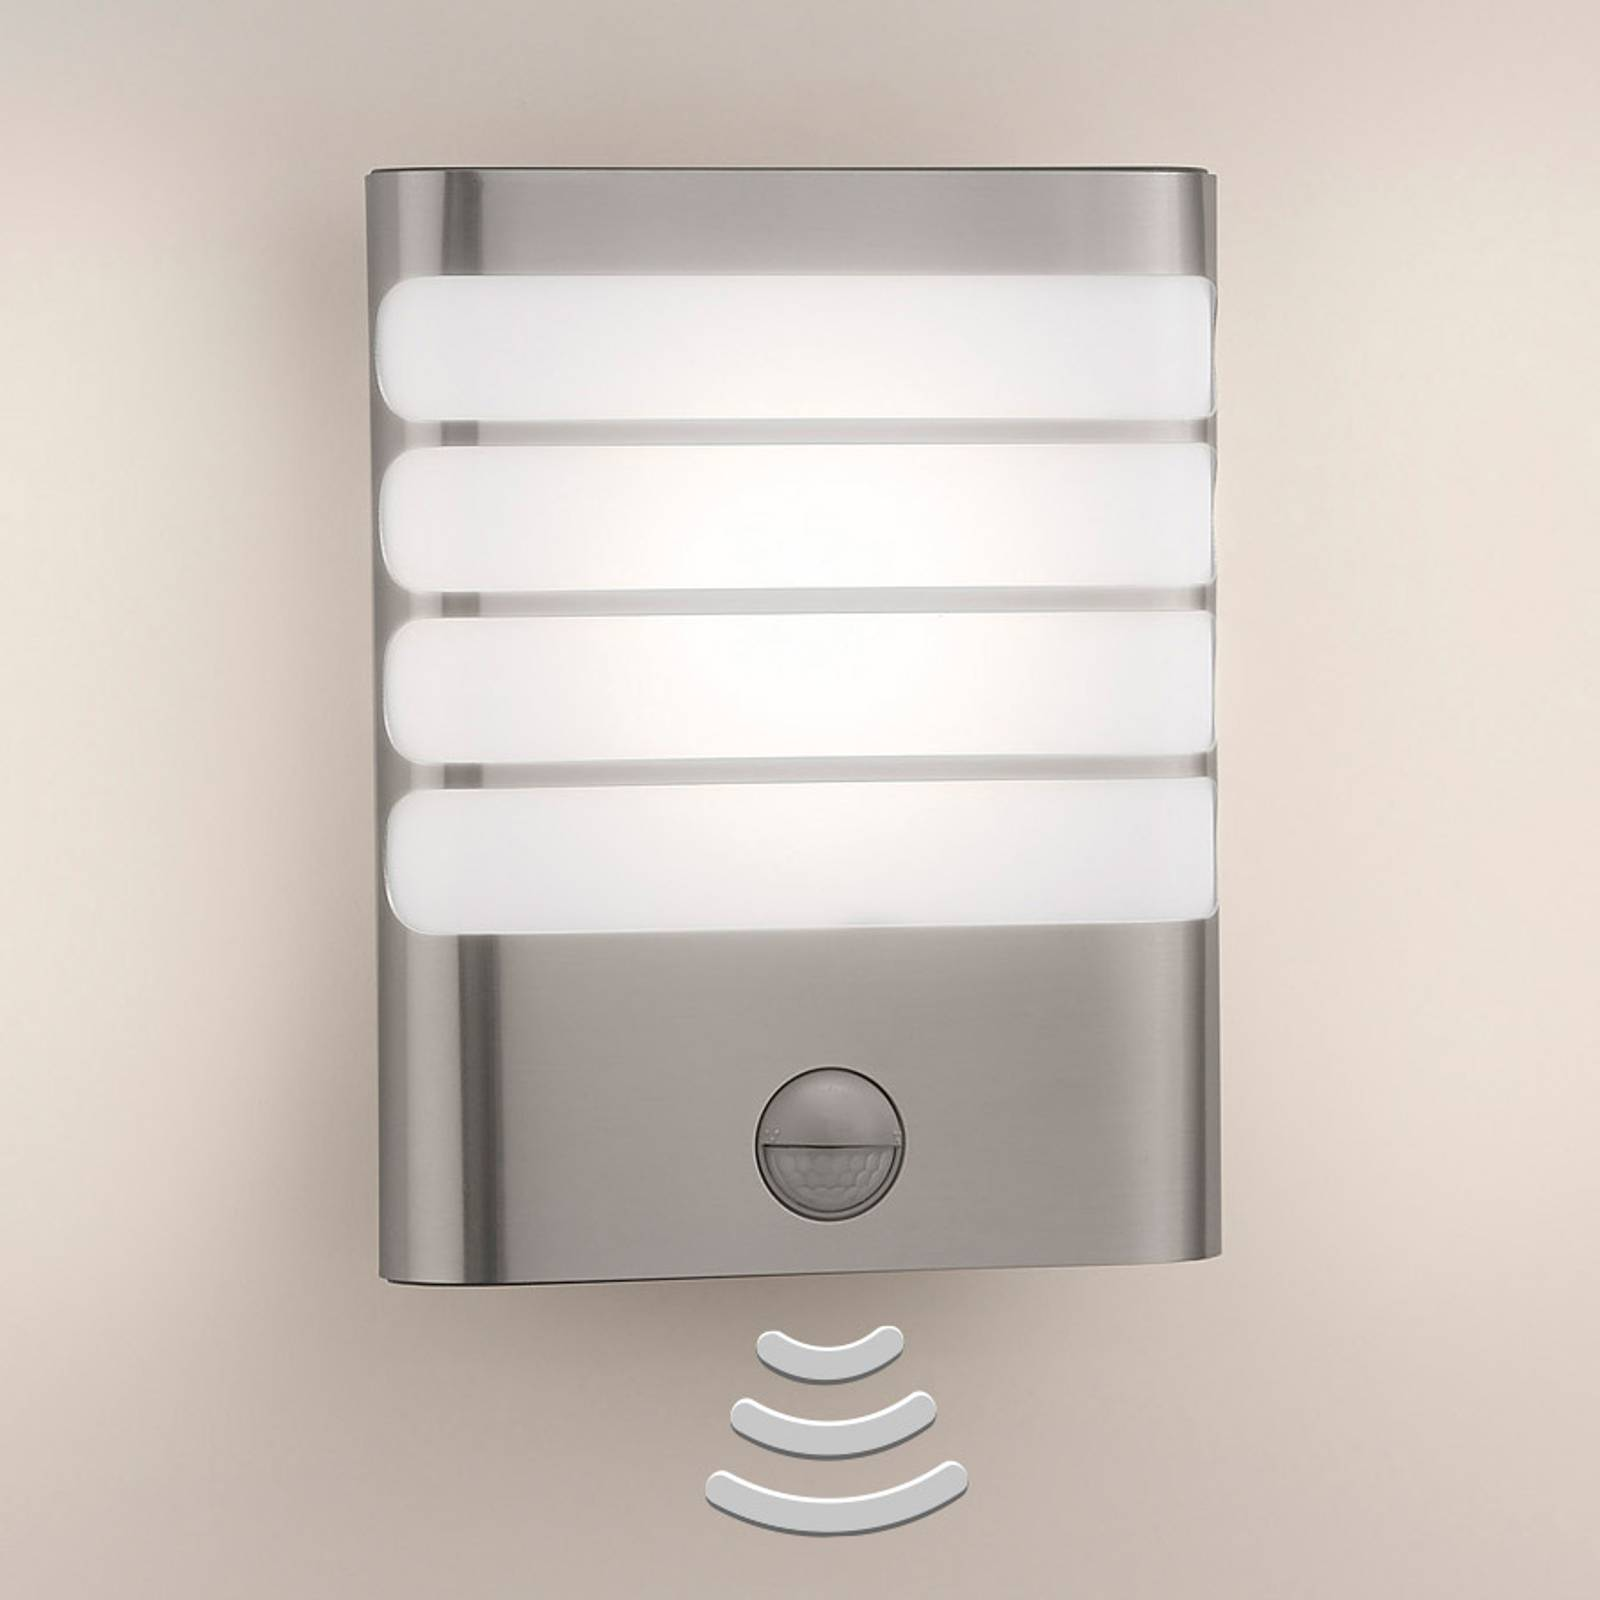 Philips Raccoon LED-buitenwandlamp roestvrij staal